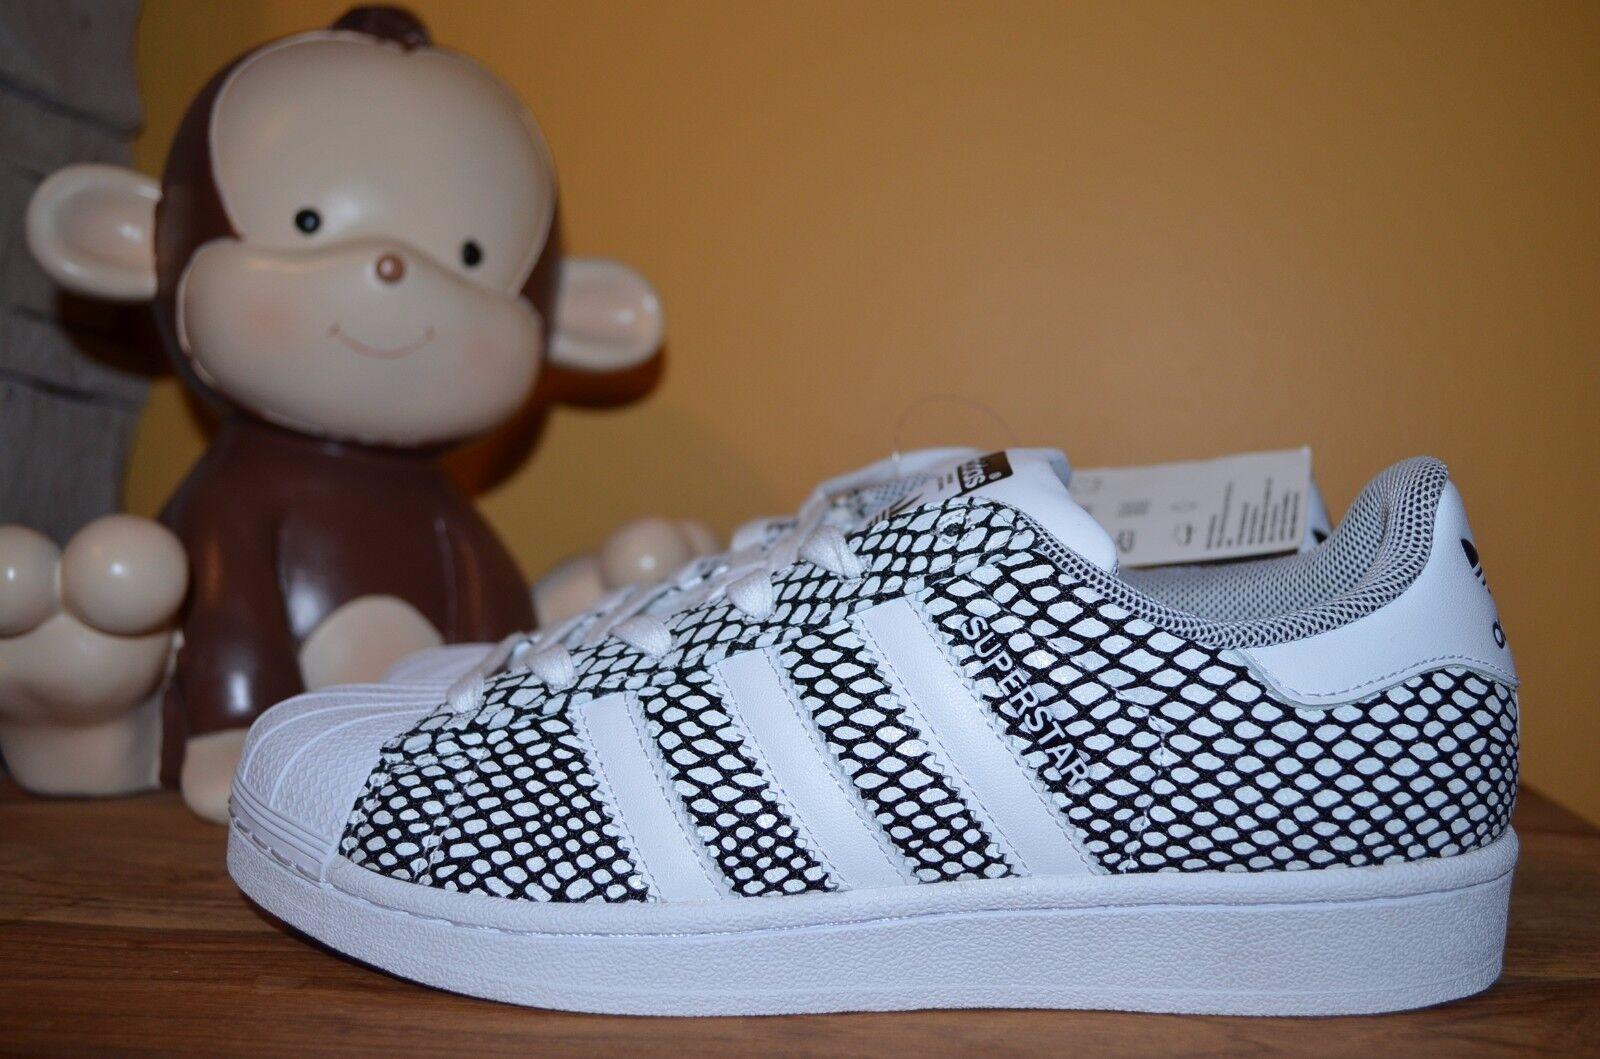 NEW ADIDAS ORIGINALS SUPERSTAR SZ SNAKE PACK Shoes MEN SZ SUPERSTAR 9.5 10 White/Black S82731 d0baa5